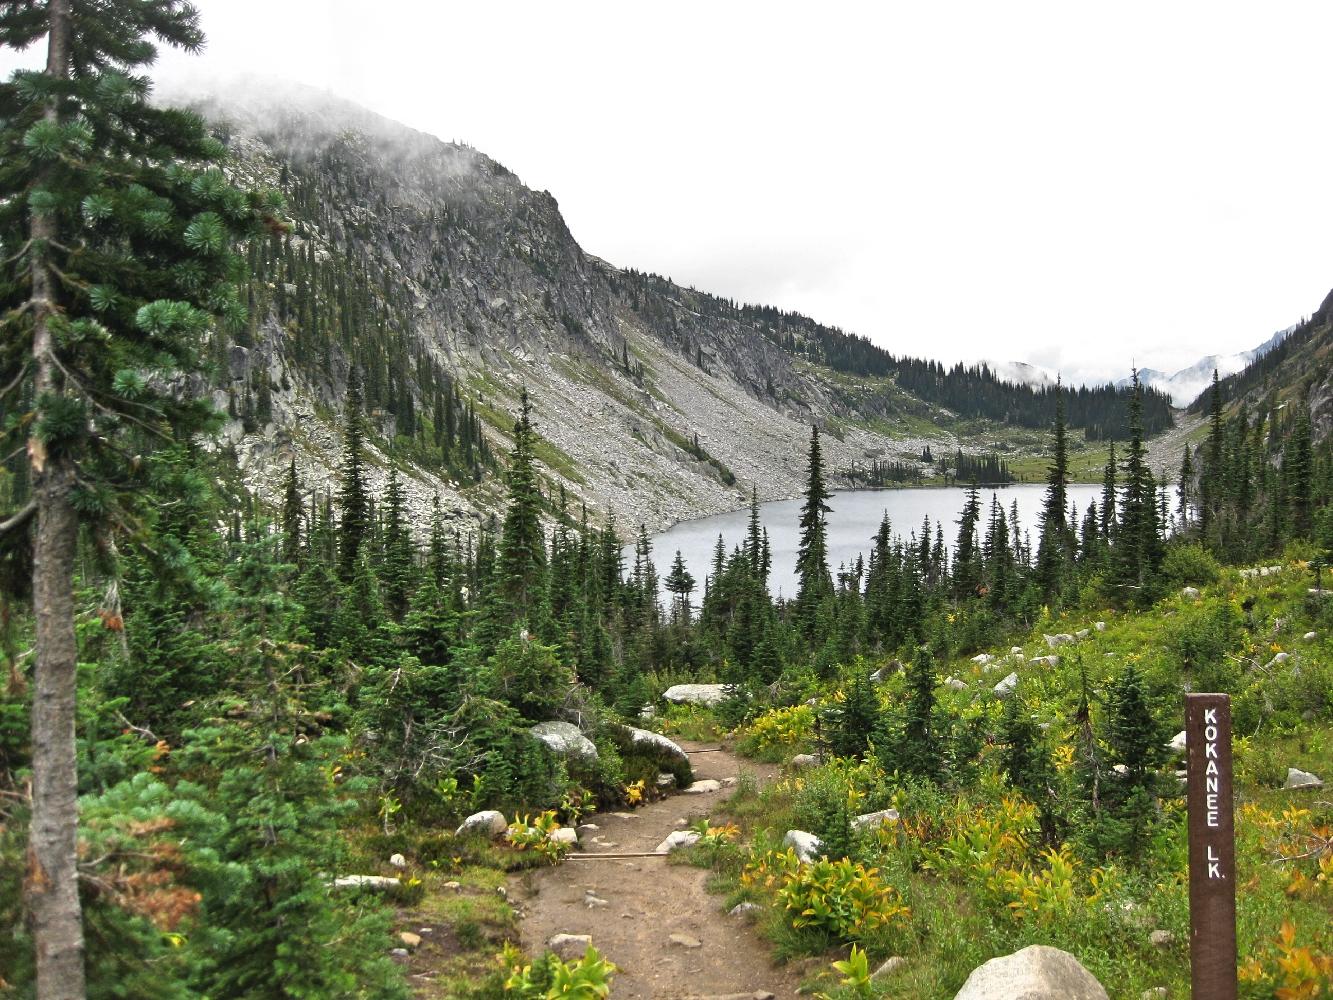 British Columbia verbessert Reservierungssystem für Campingplätze